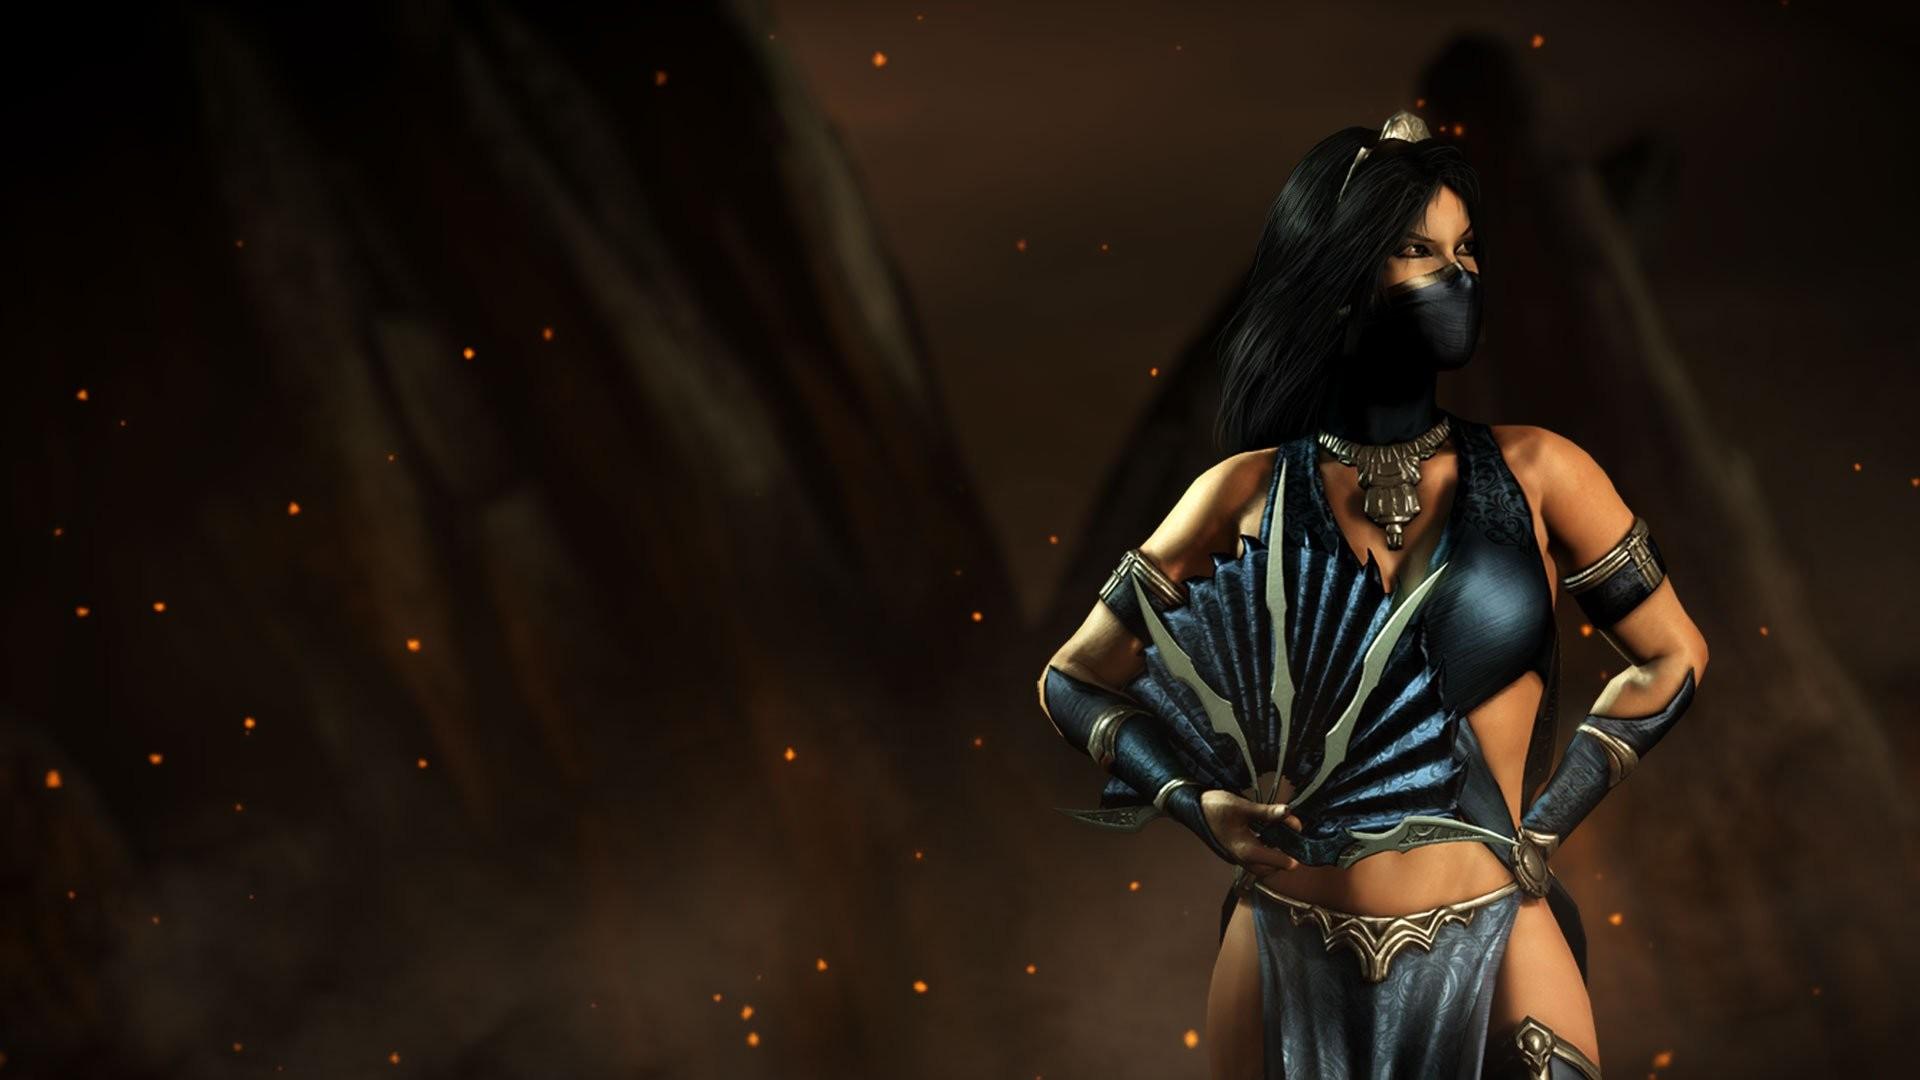 Mortal Kombat Xl Wallpaper Group HD